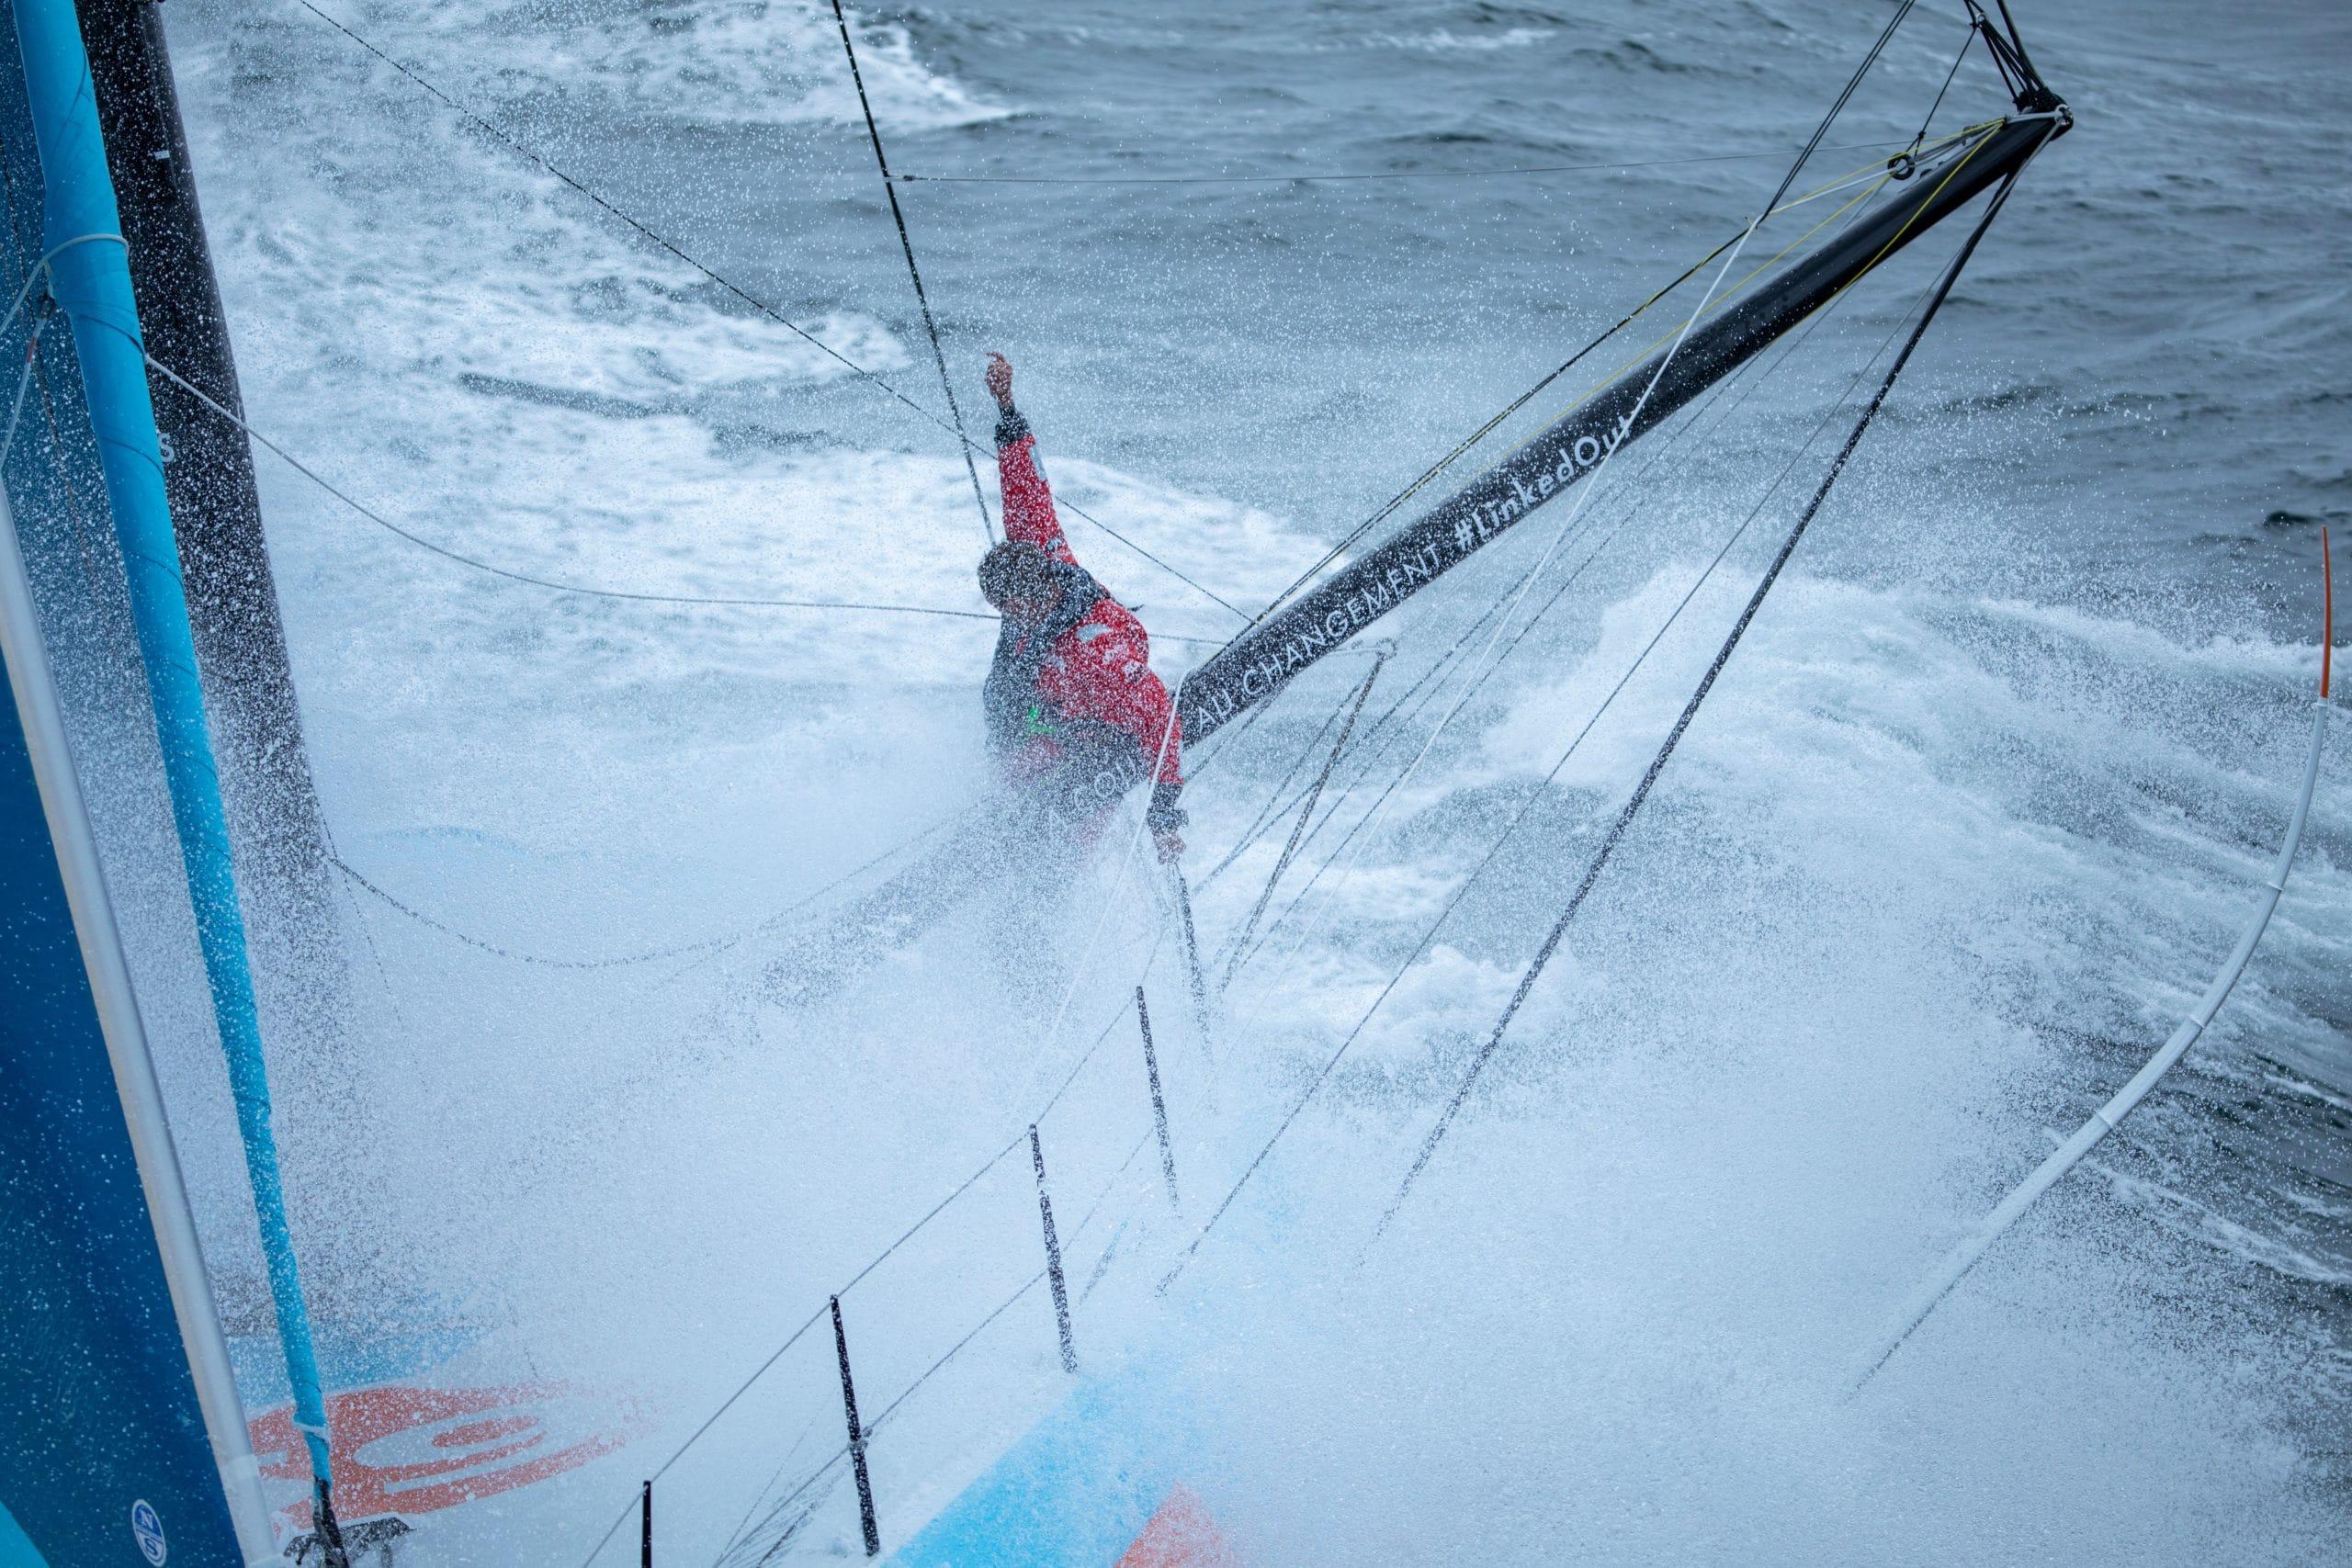 photo du voilier de thomas ruyant